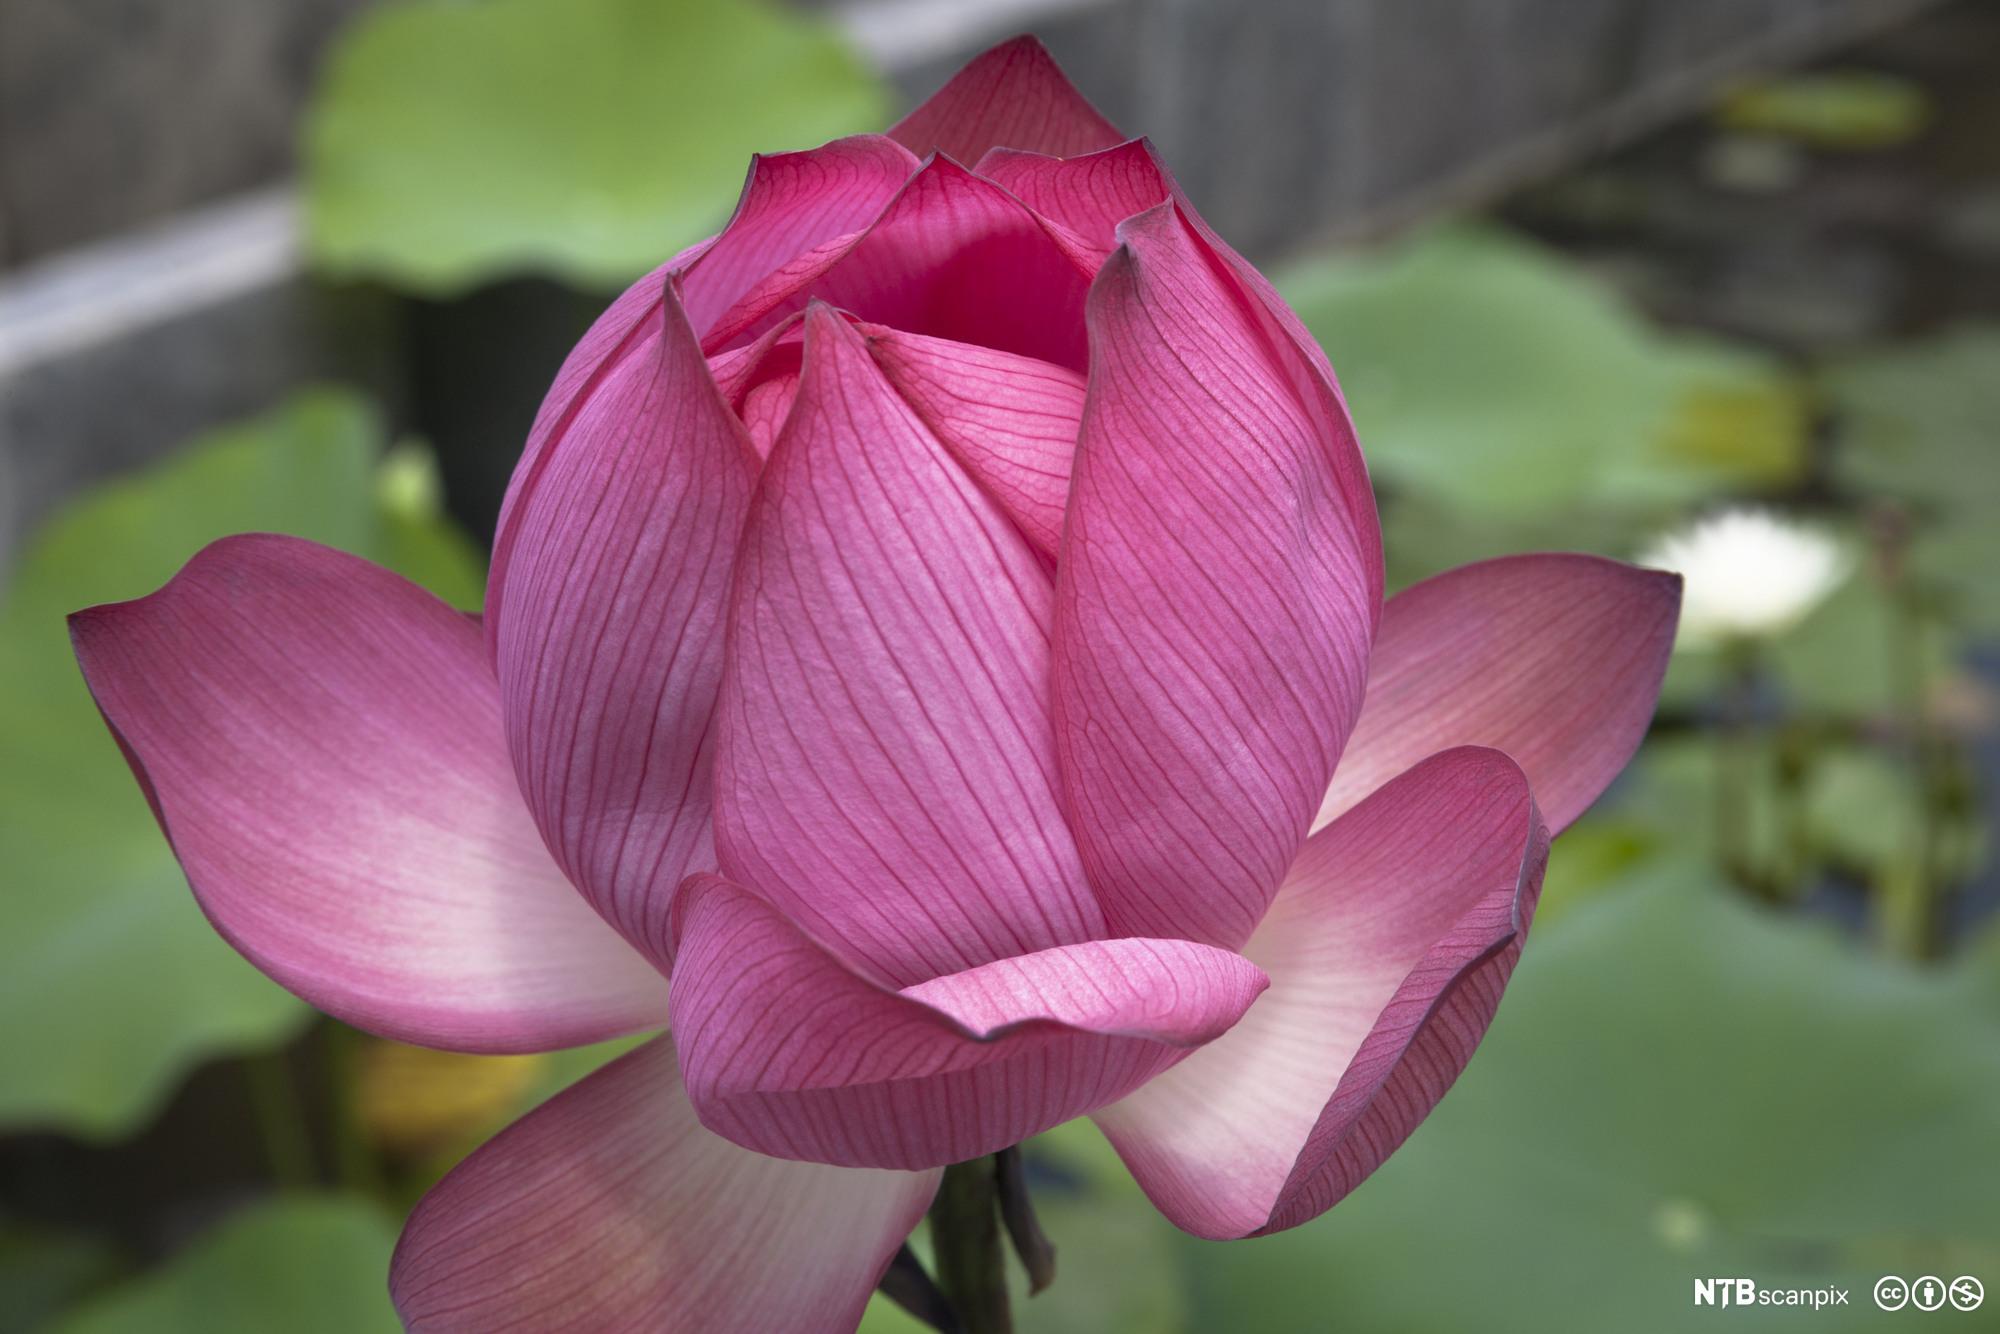 Du må tenke på blomsten som et menneske av og til